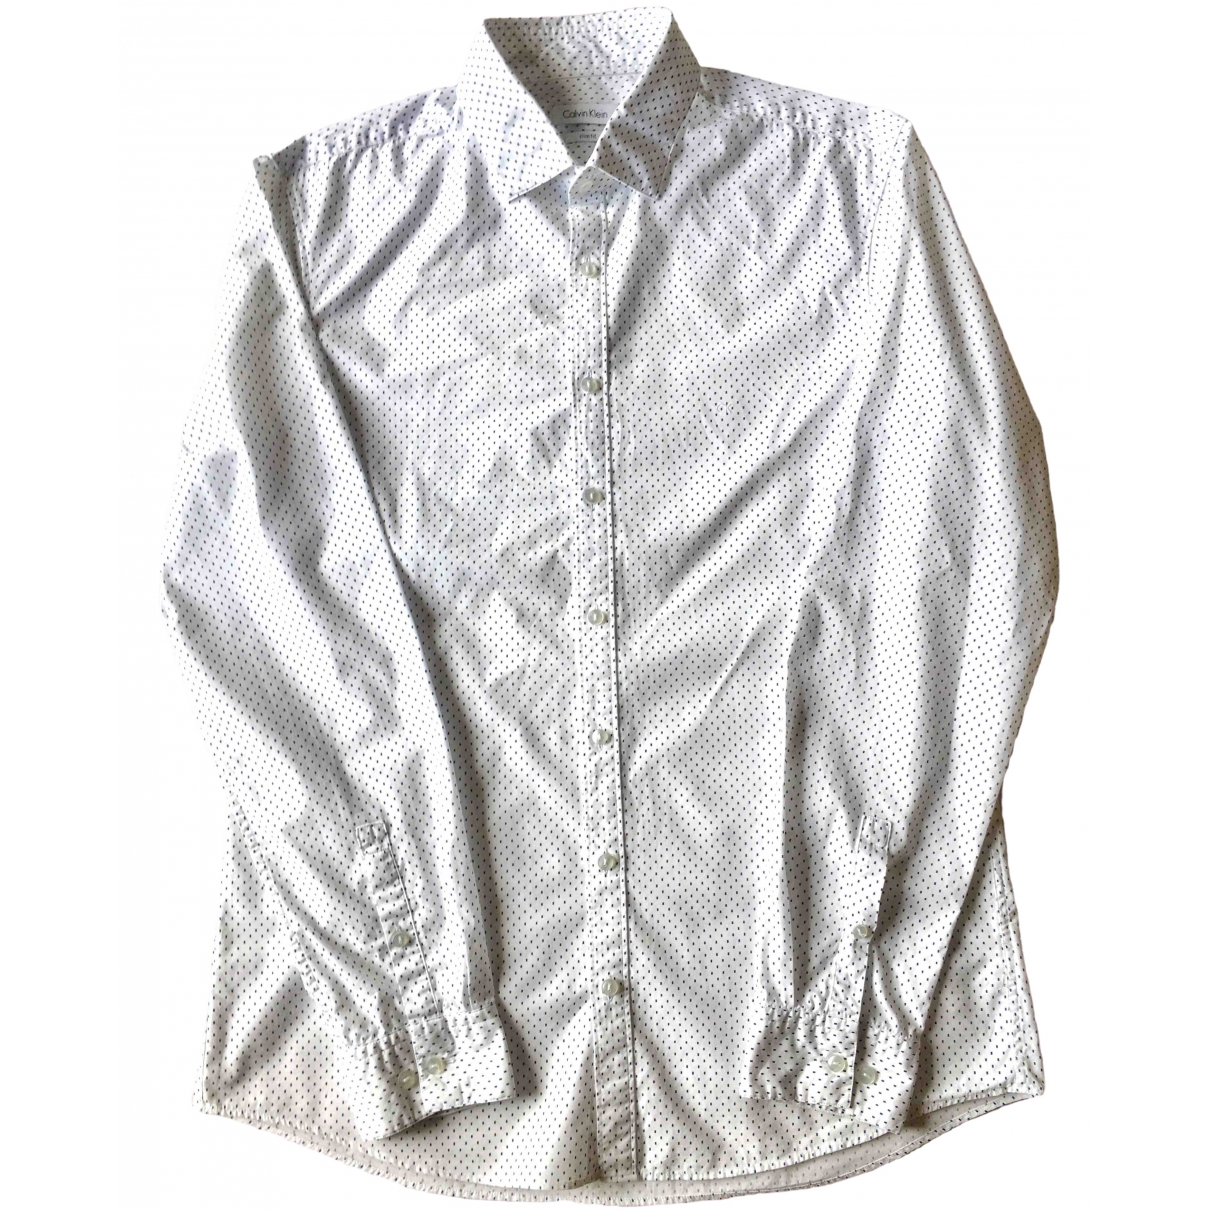 Calvin Klein \N White Cotton Shirts for Men 41 EU (tour de cou / collar)